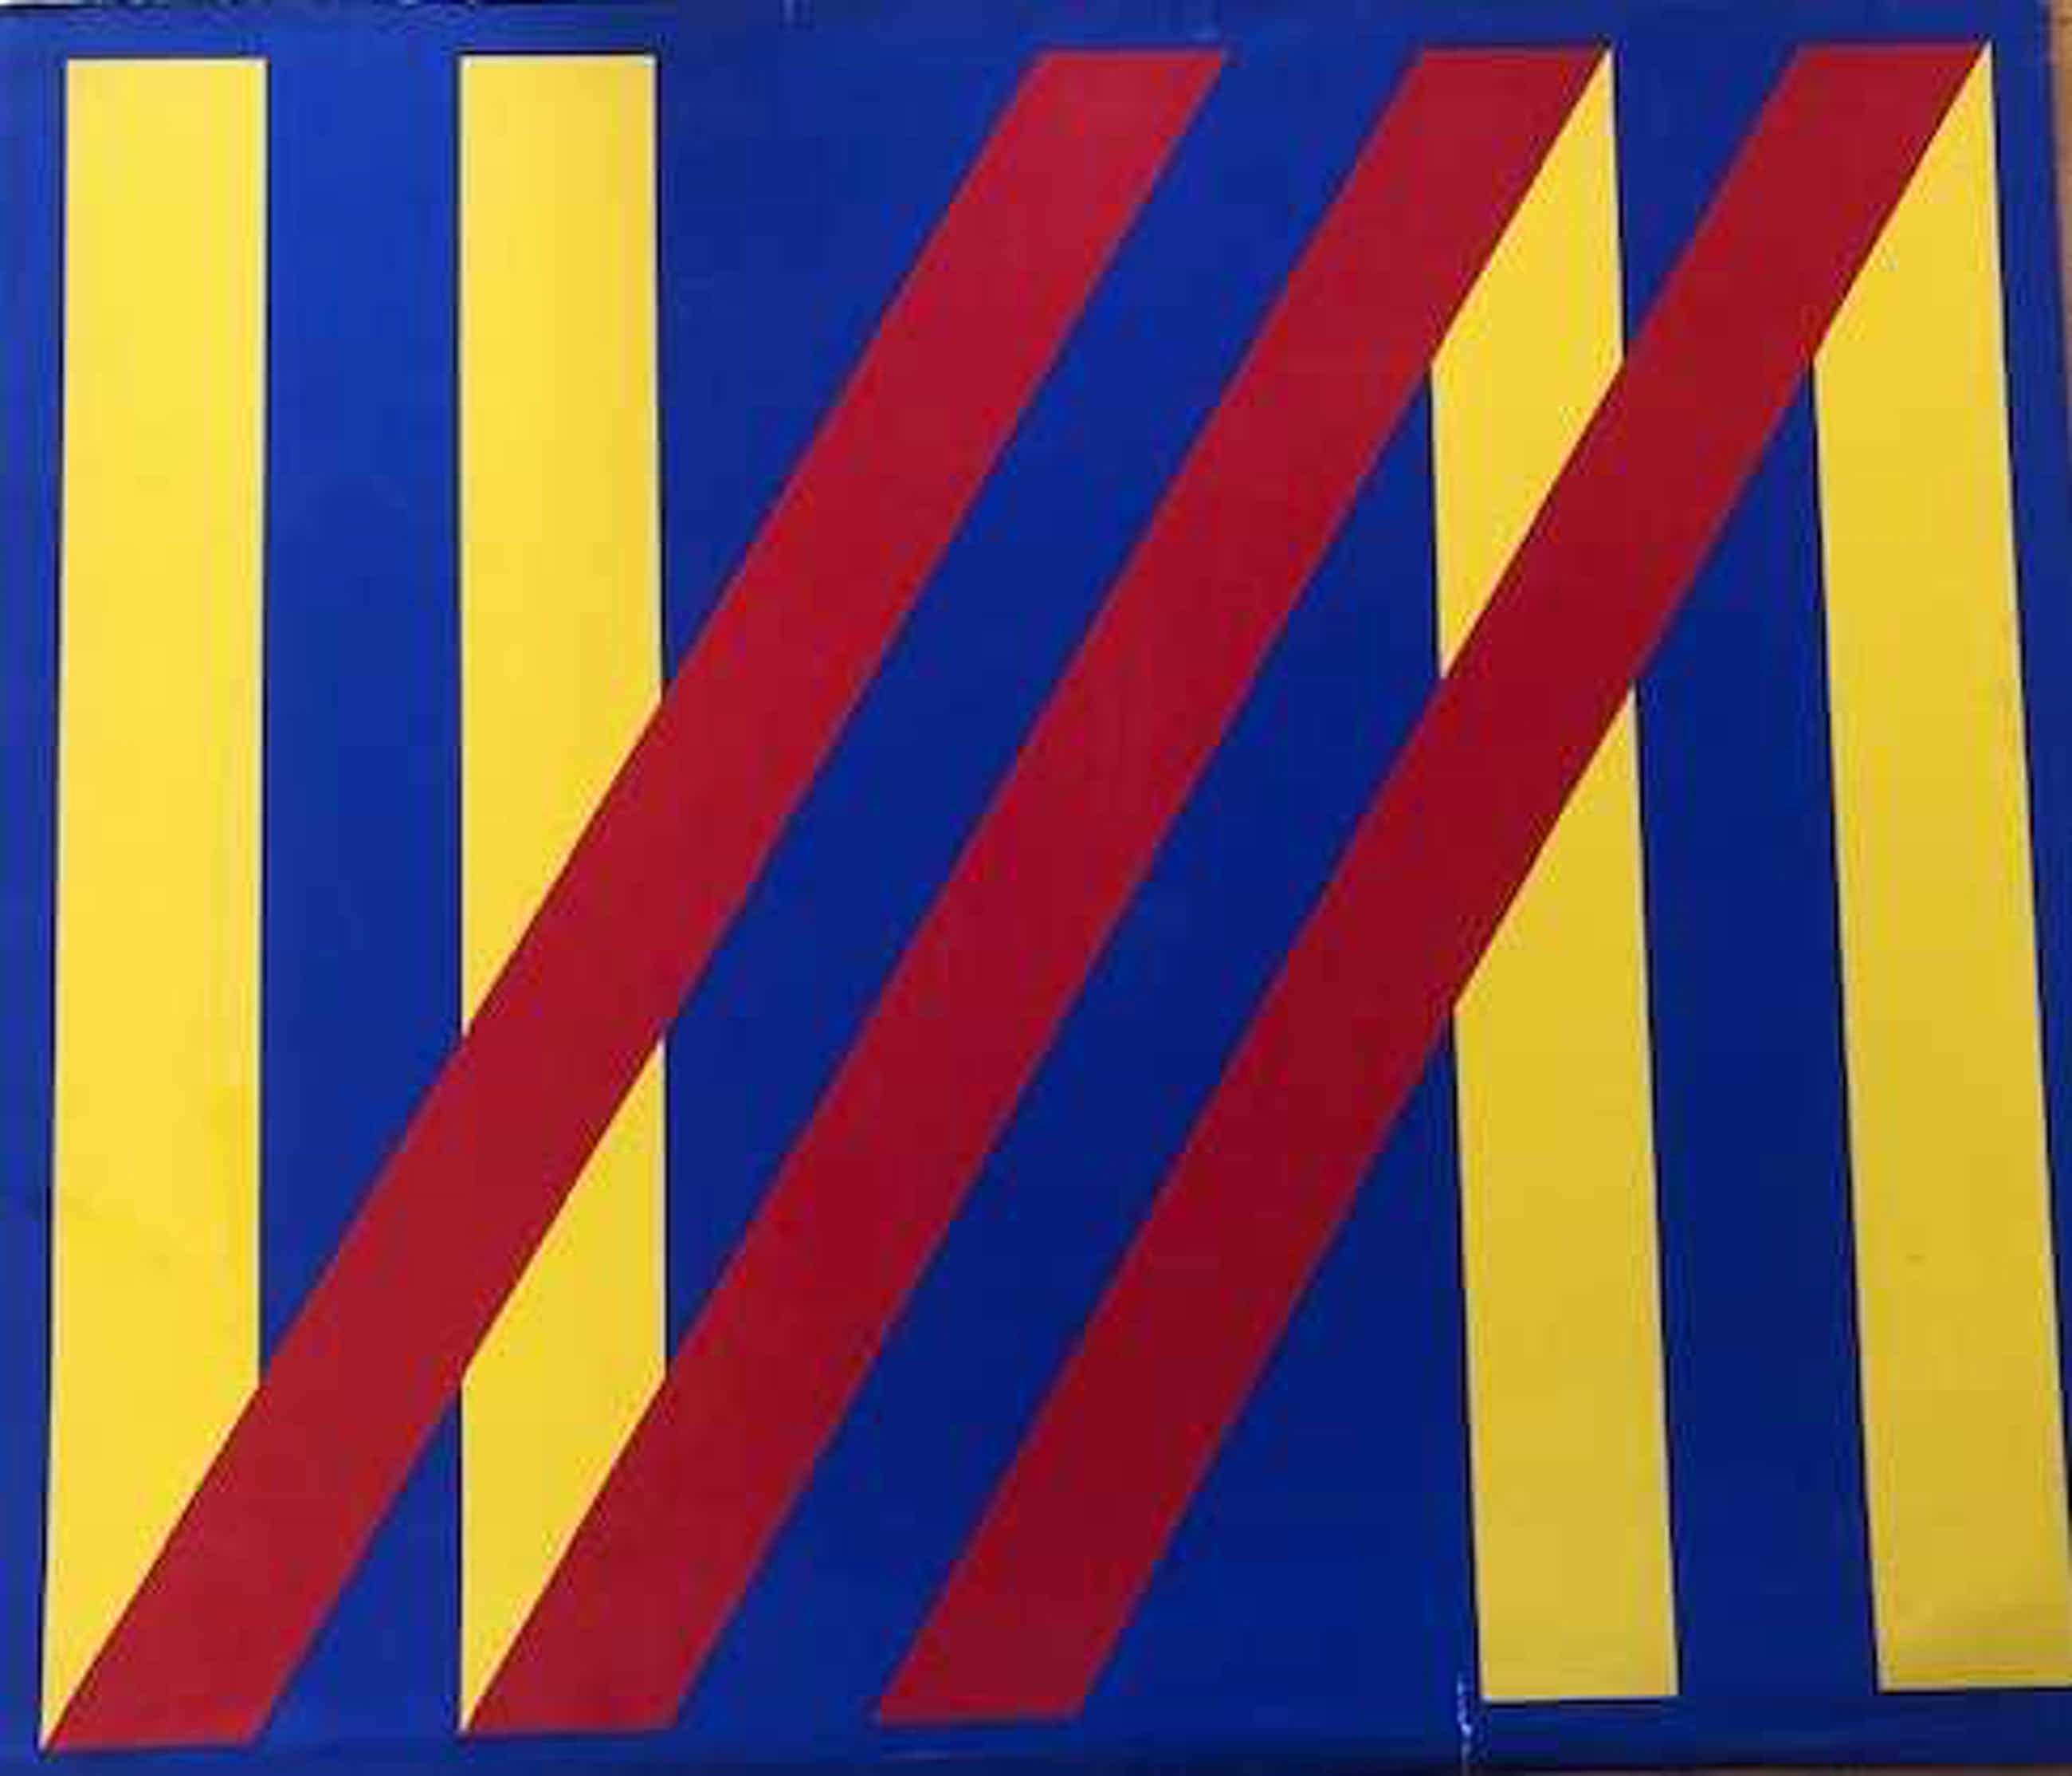 Bob Bonies - Blauw-rood-gele compositie - 1967 kopen? Bied vanaf 50!